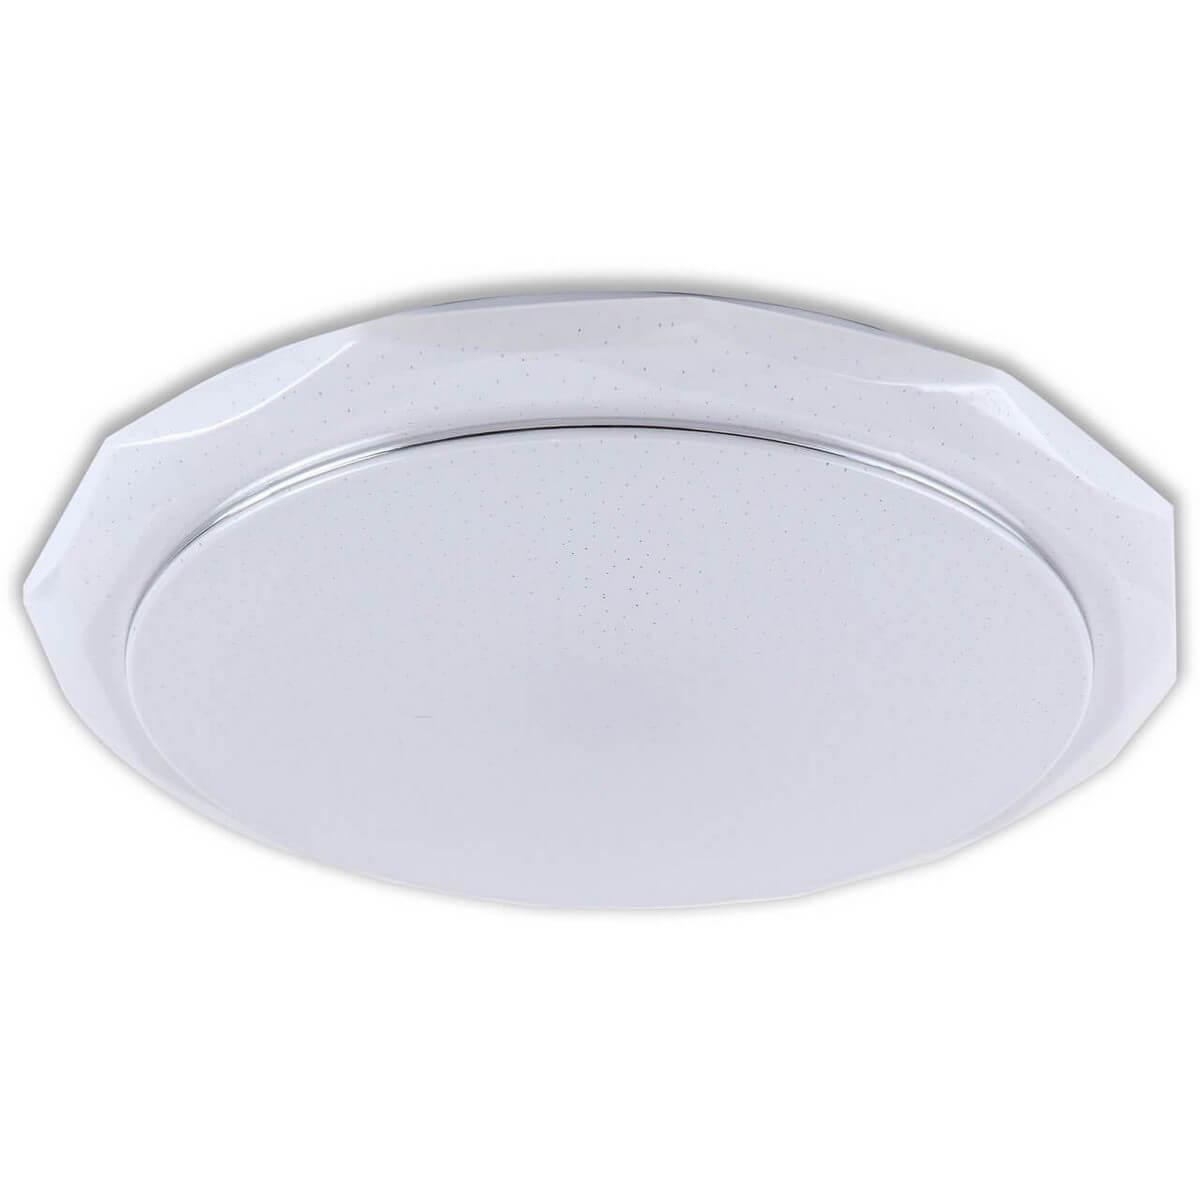 цена на Настенно-потолочный светильник Kink Light 074133, LED, 72 Вт